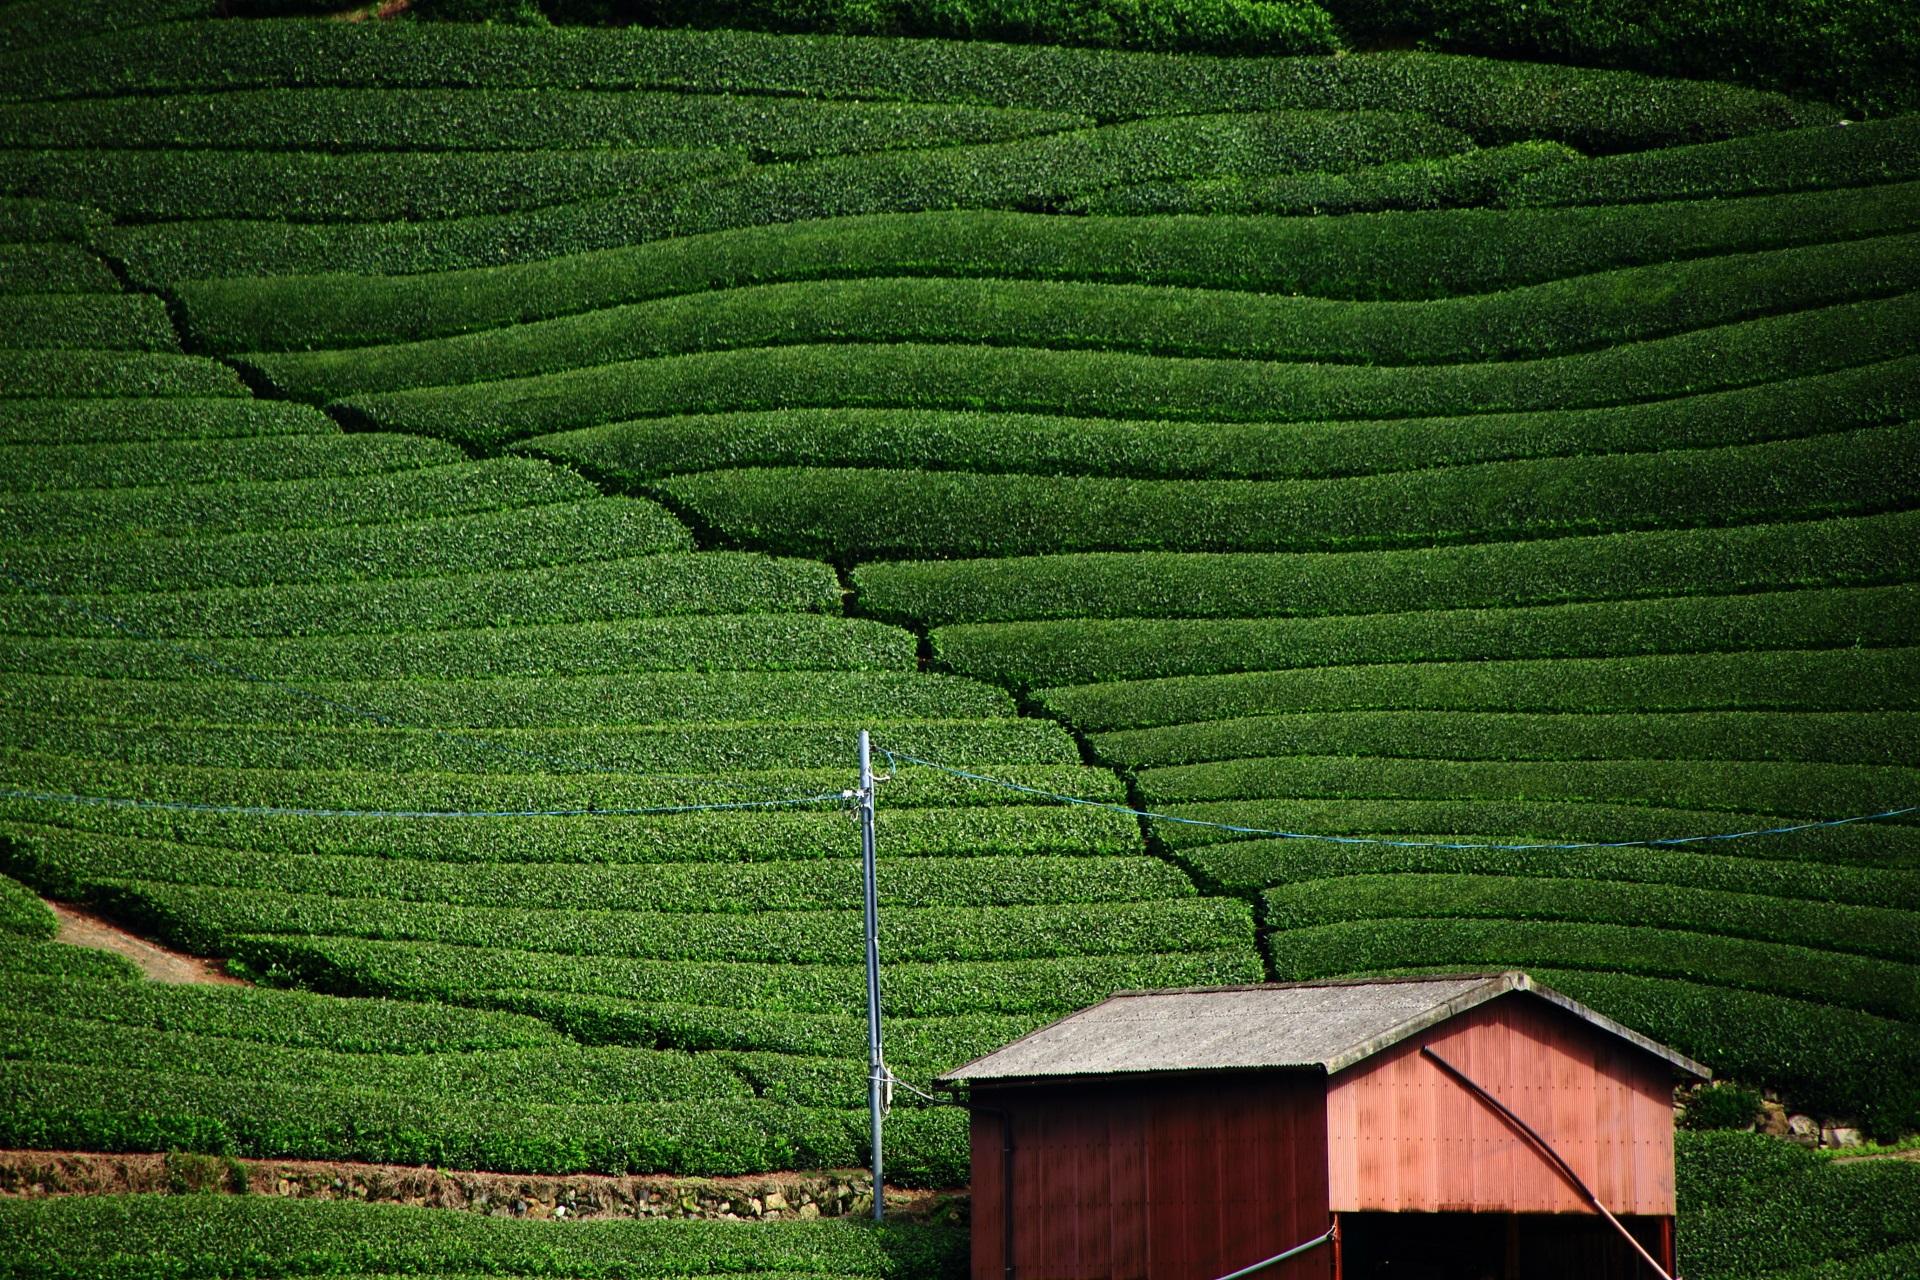 美しいお茶畑の景観から「茶源郷」とも呼ばれる和束町